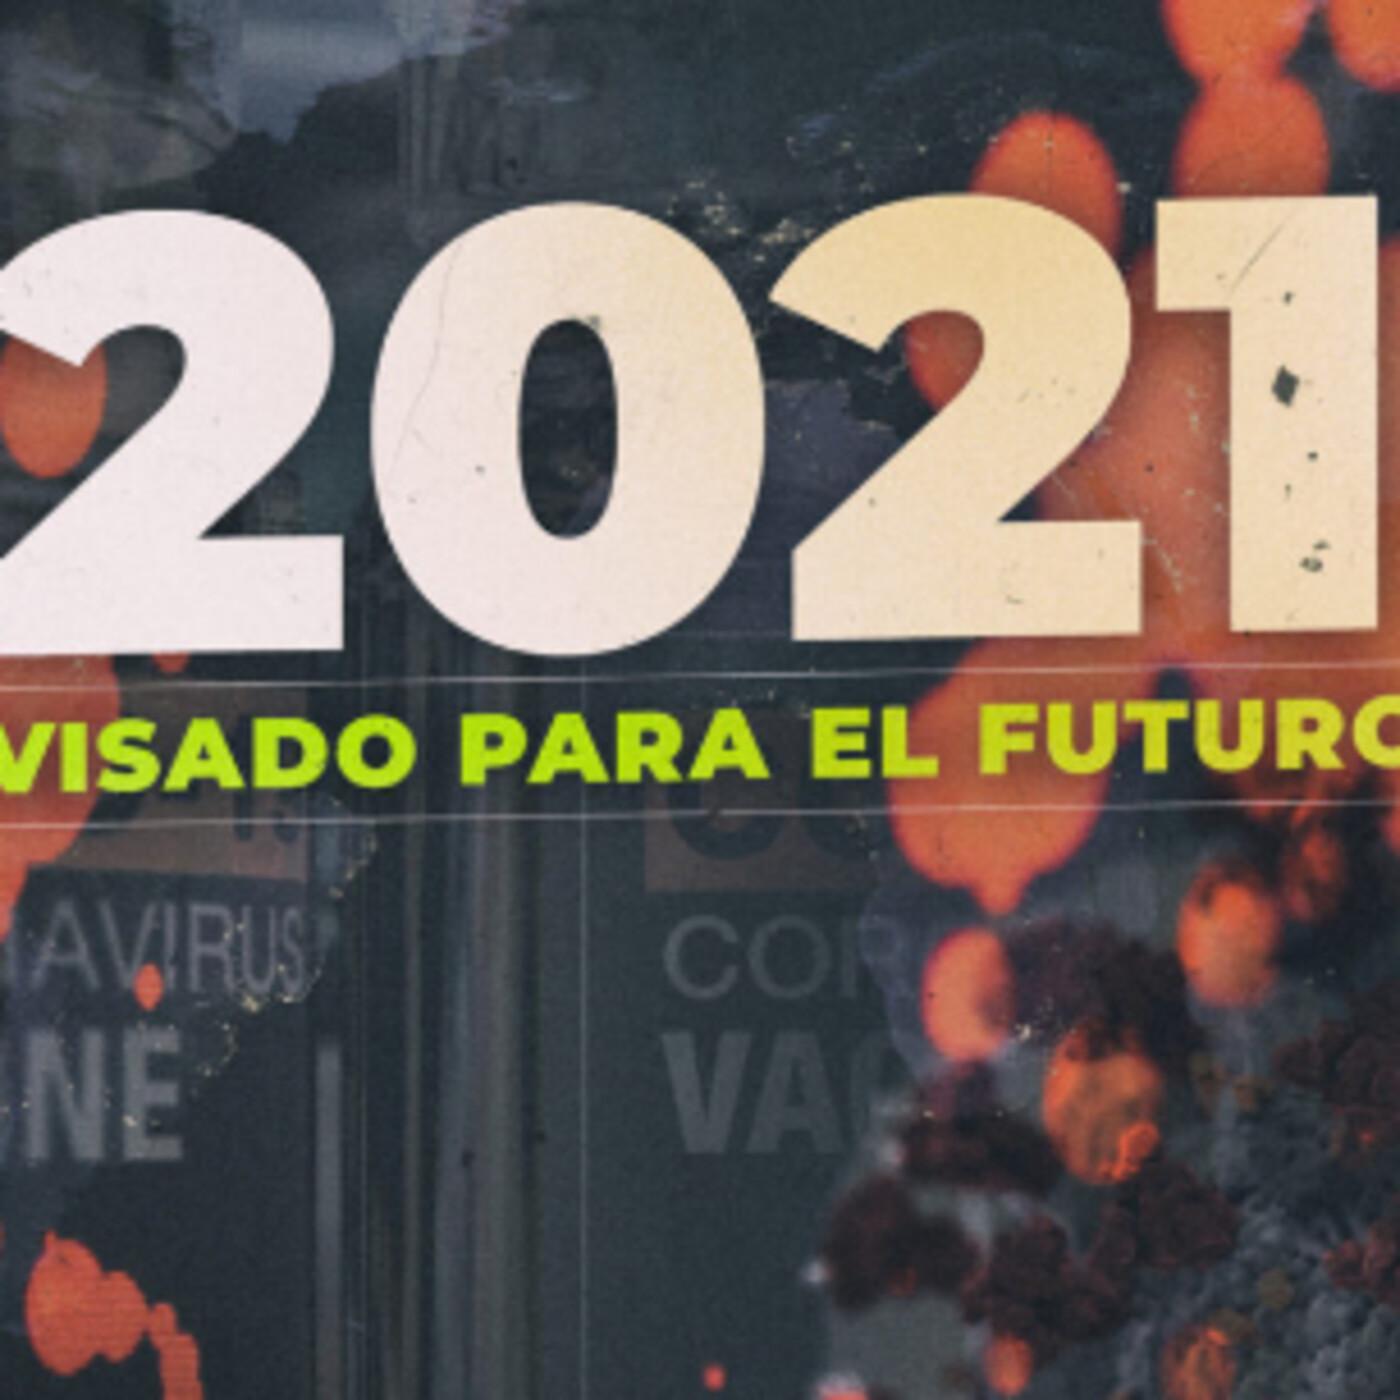 Cuarto milenio (03/01/2021) 15x44: 2021: Visado para el futuro